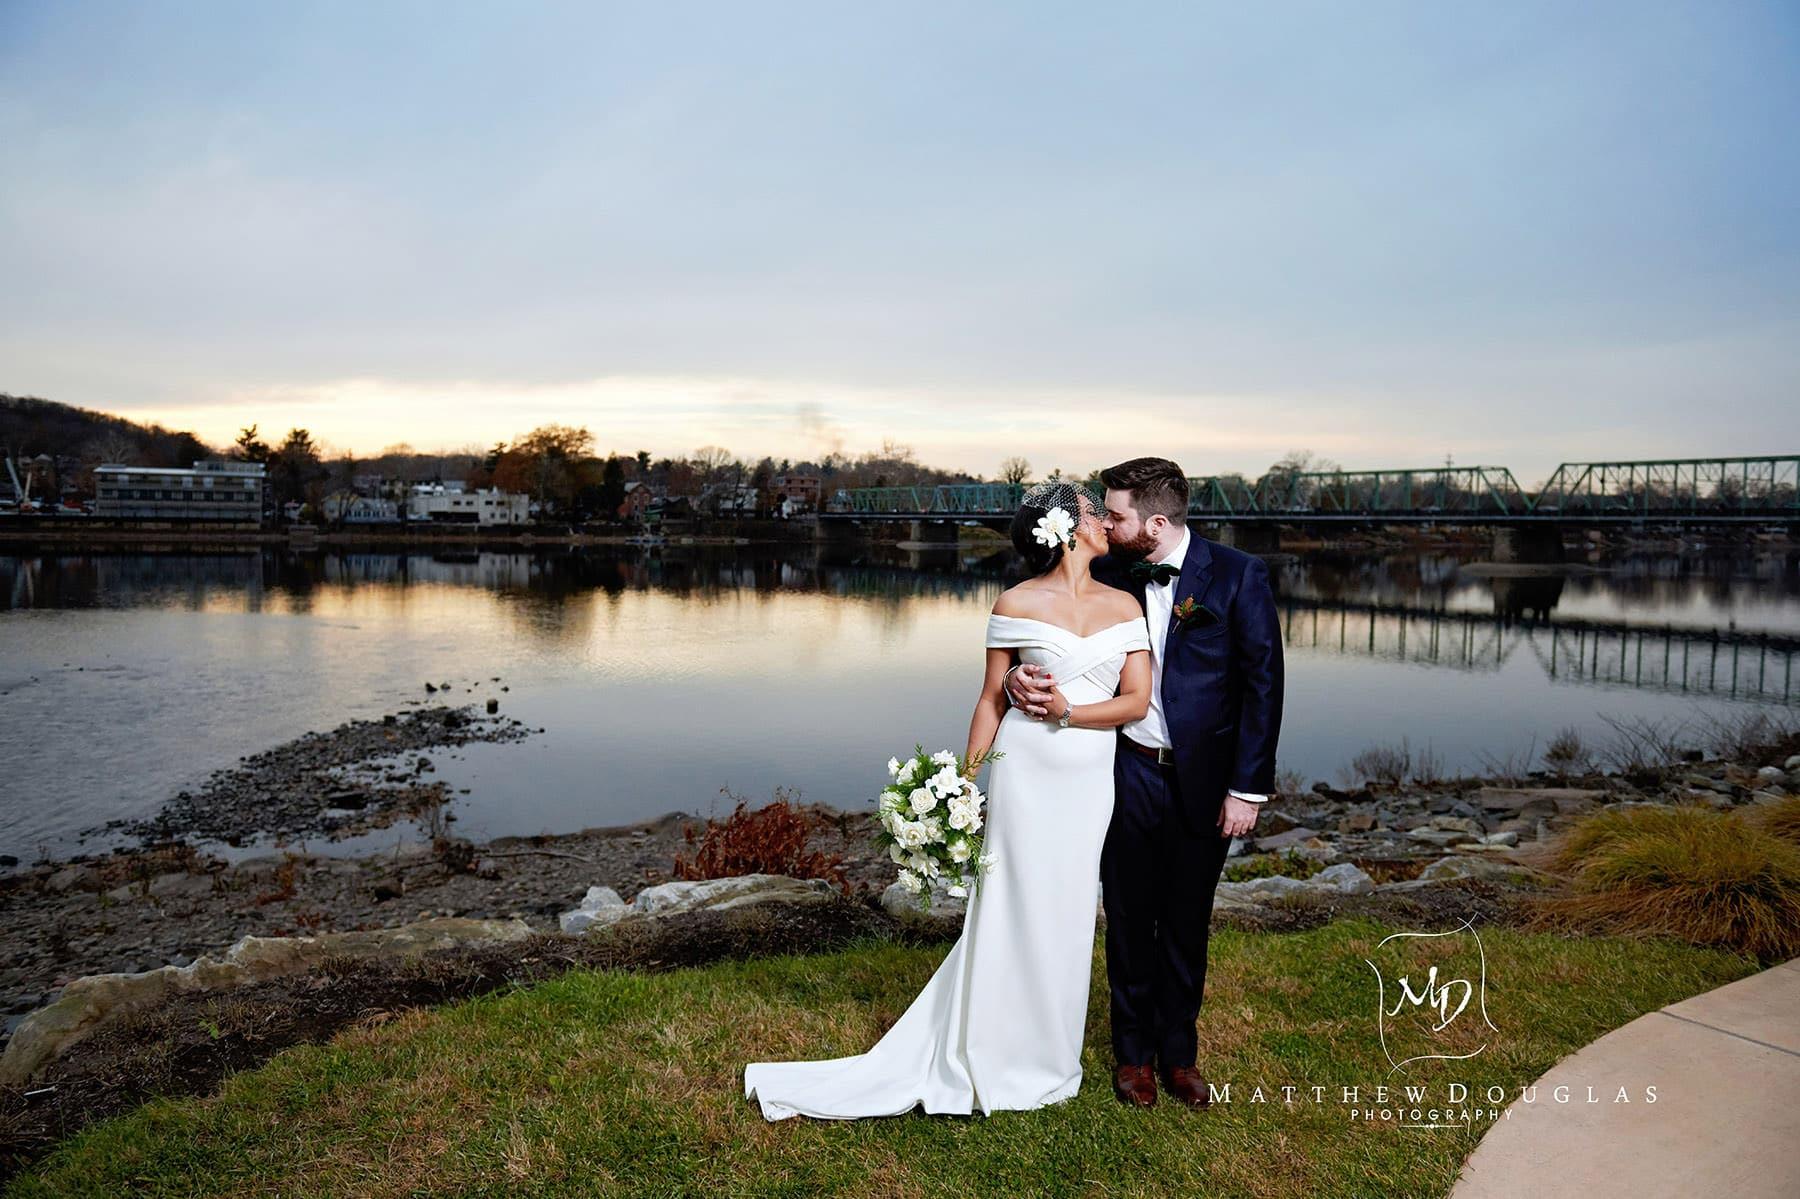 lambertville station inn wedding photo at dusk